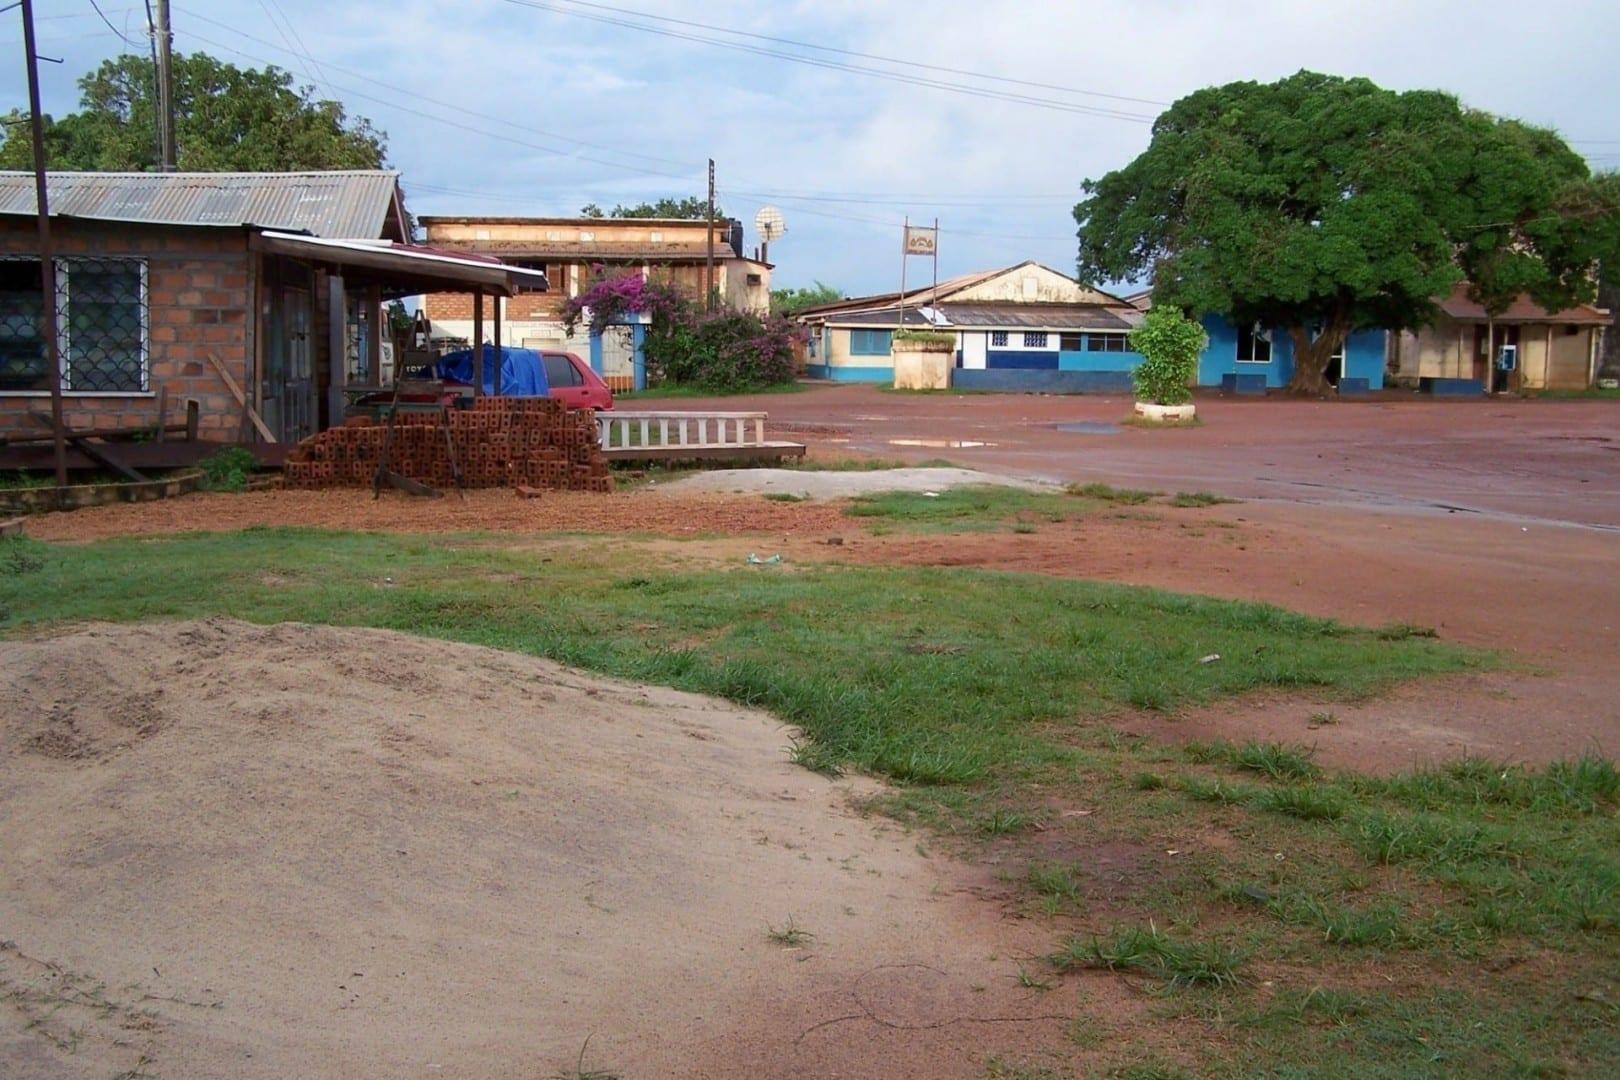 Vista de Lethem en el sur del país Guyana